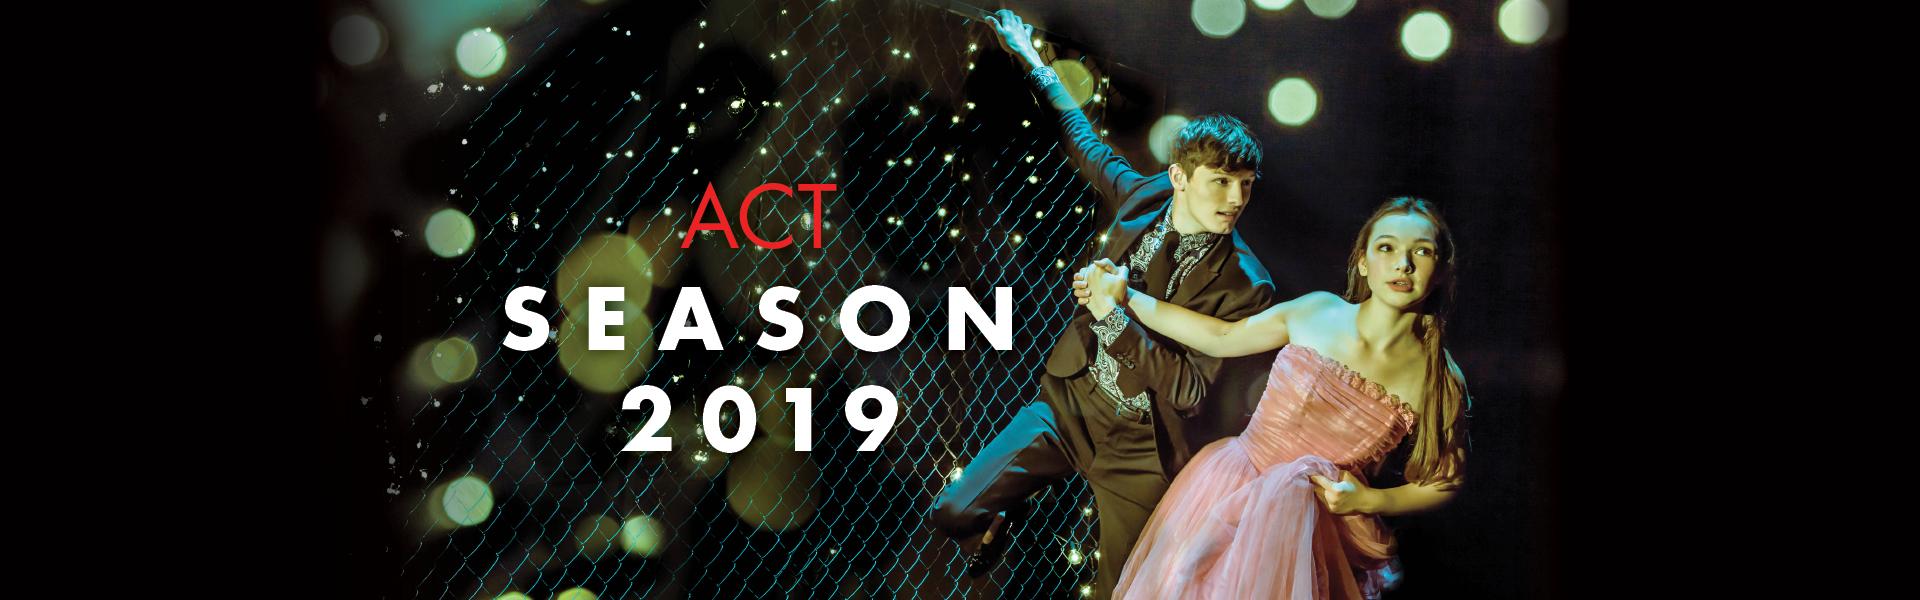 2019 Season Banner